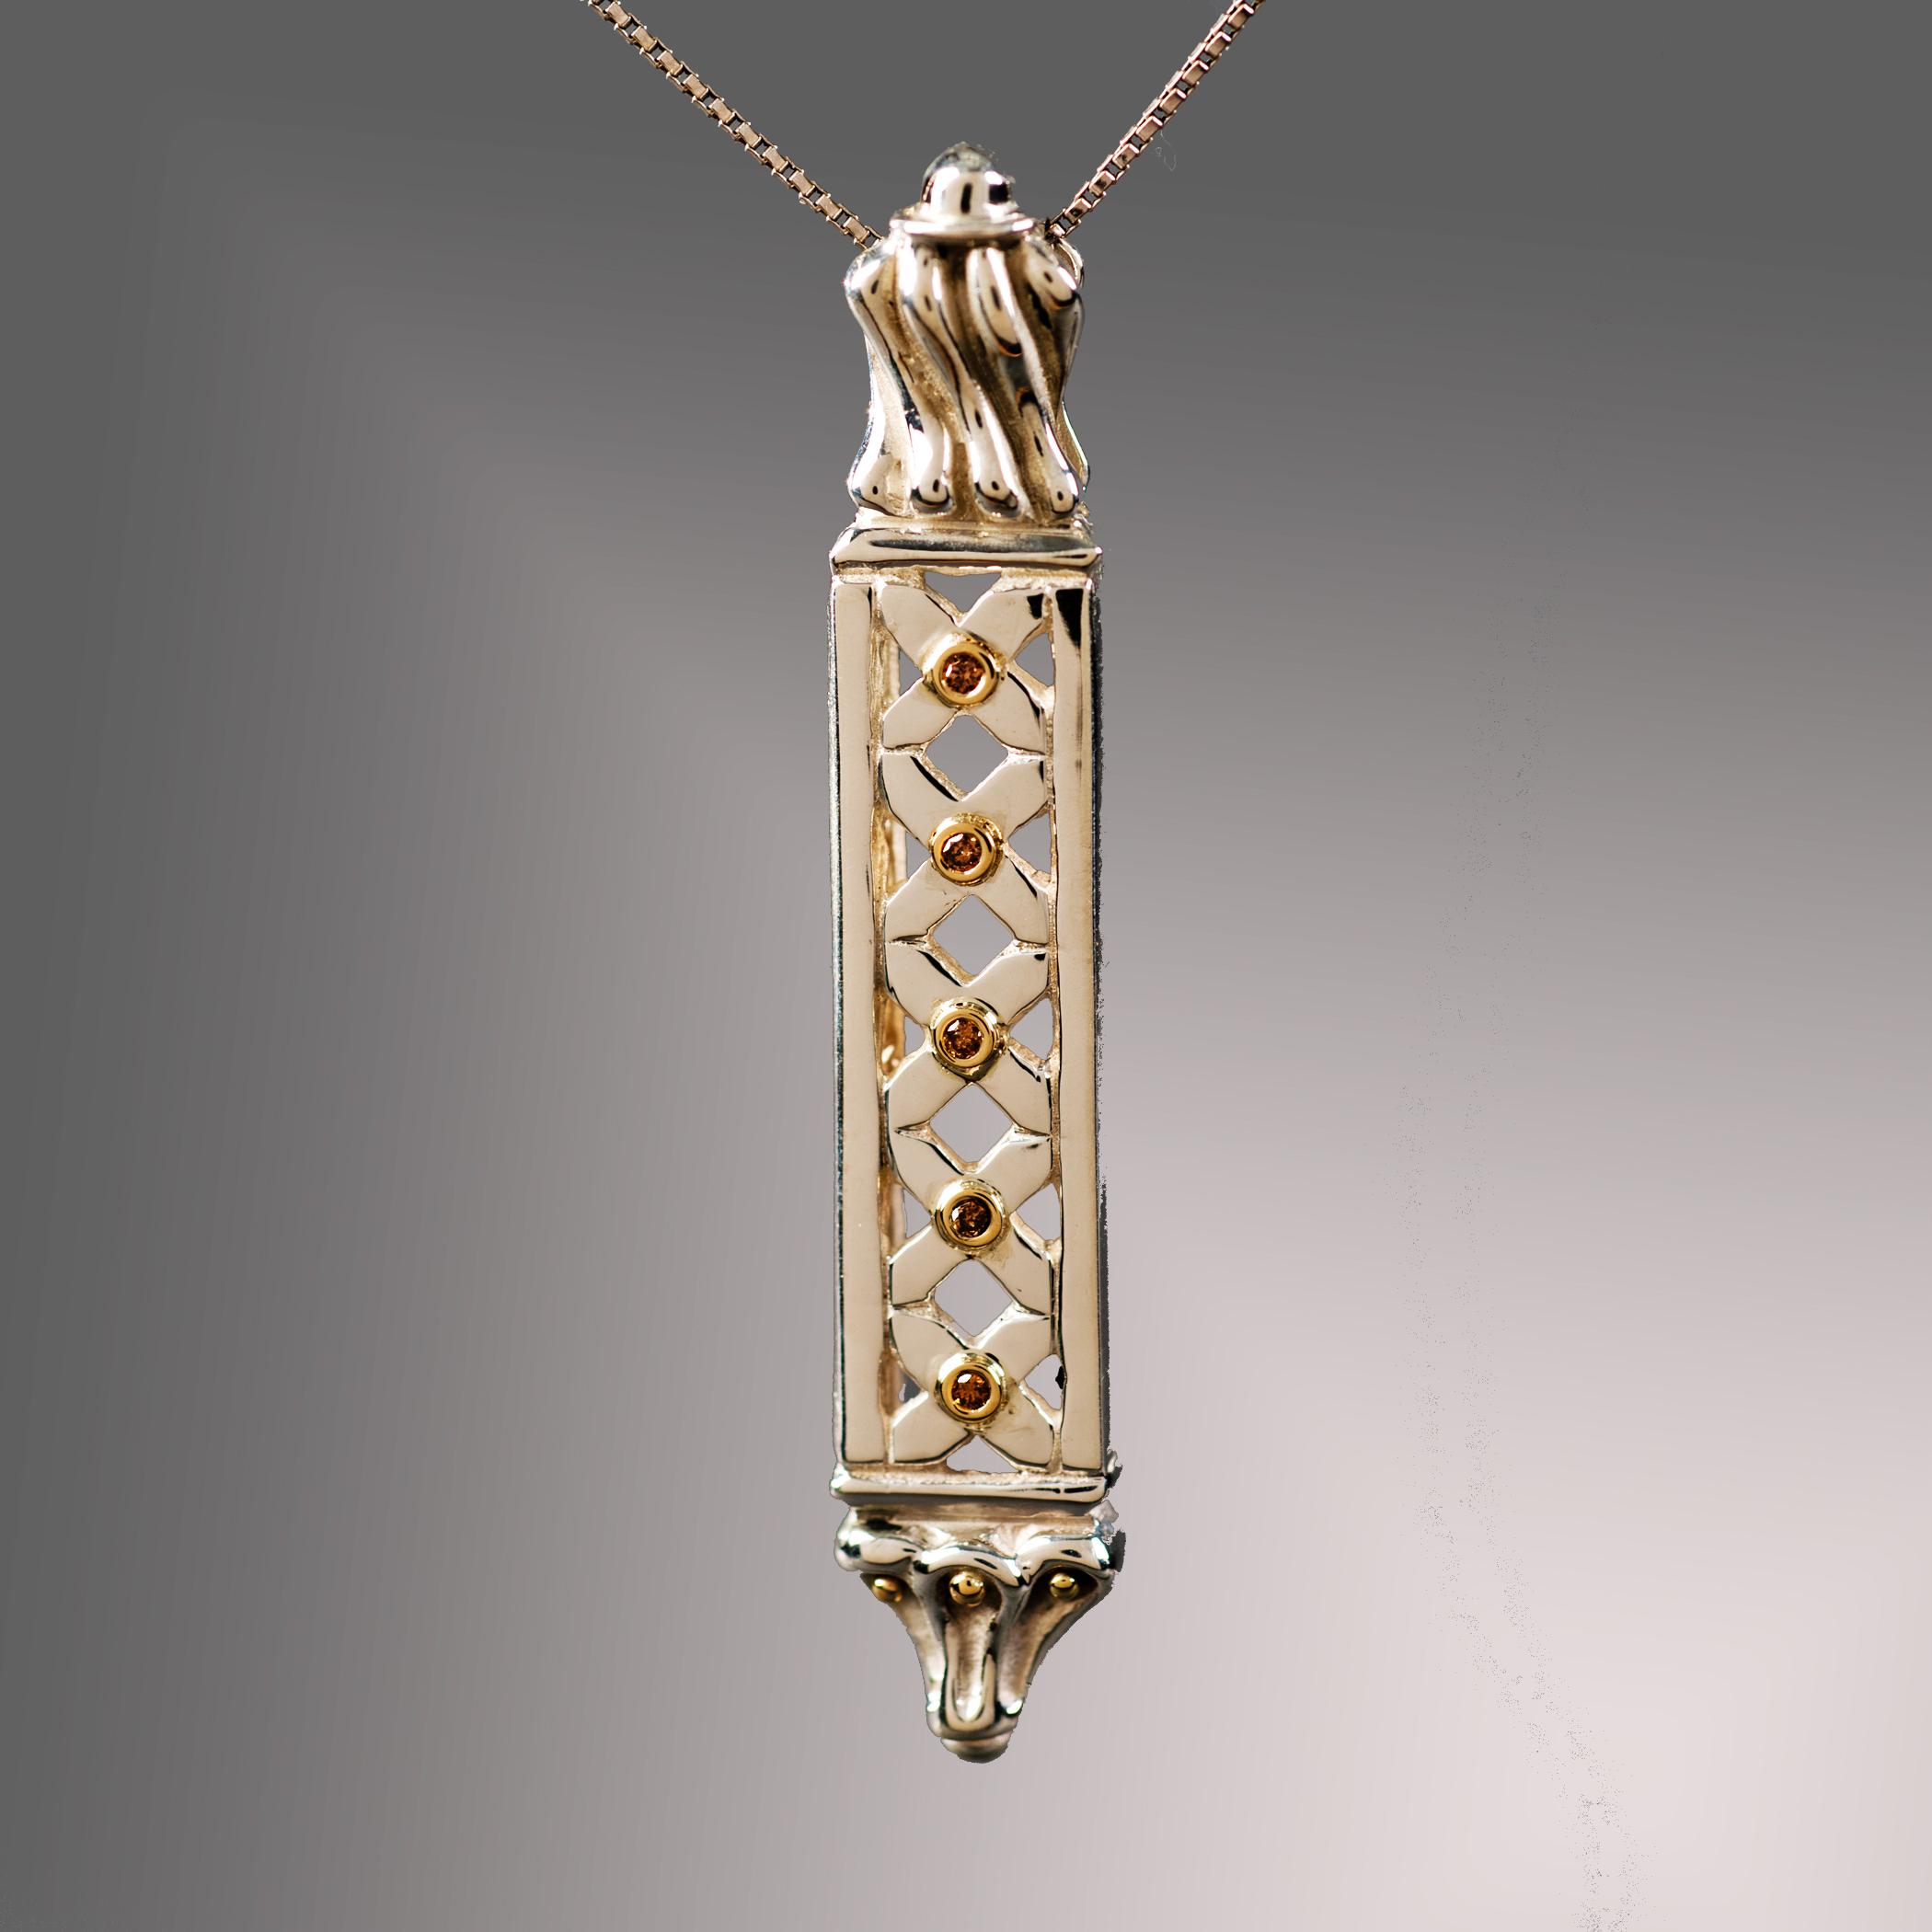 Original jewelry design from Connie Castellano